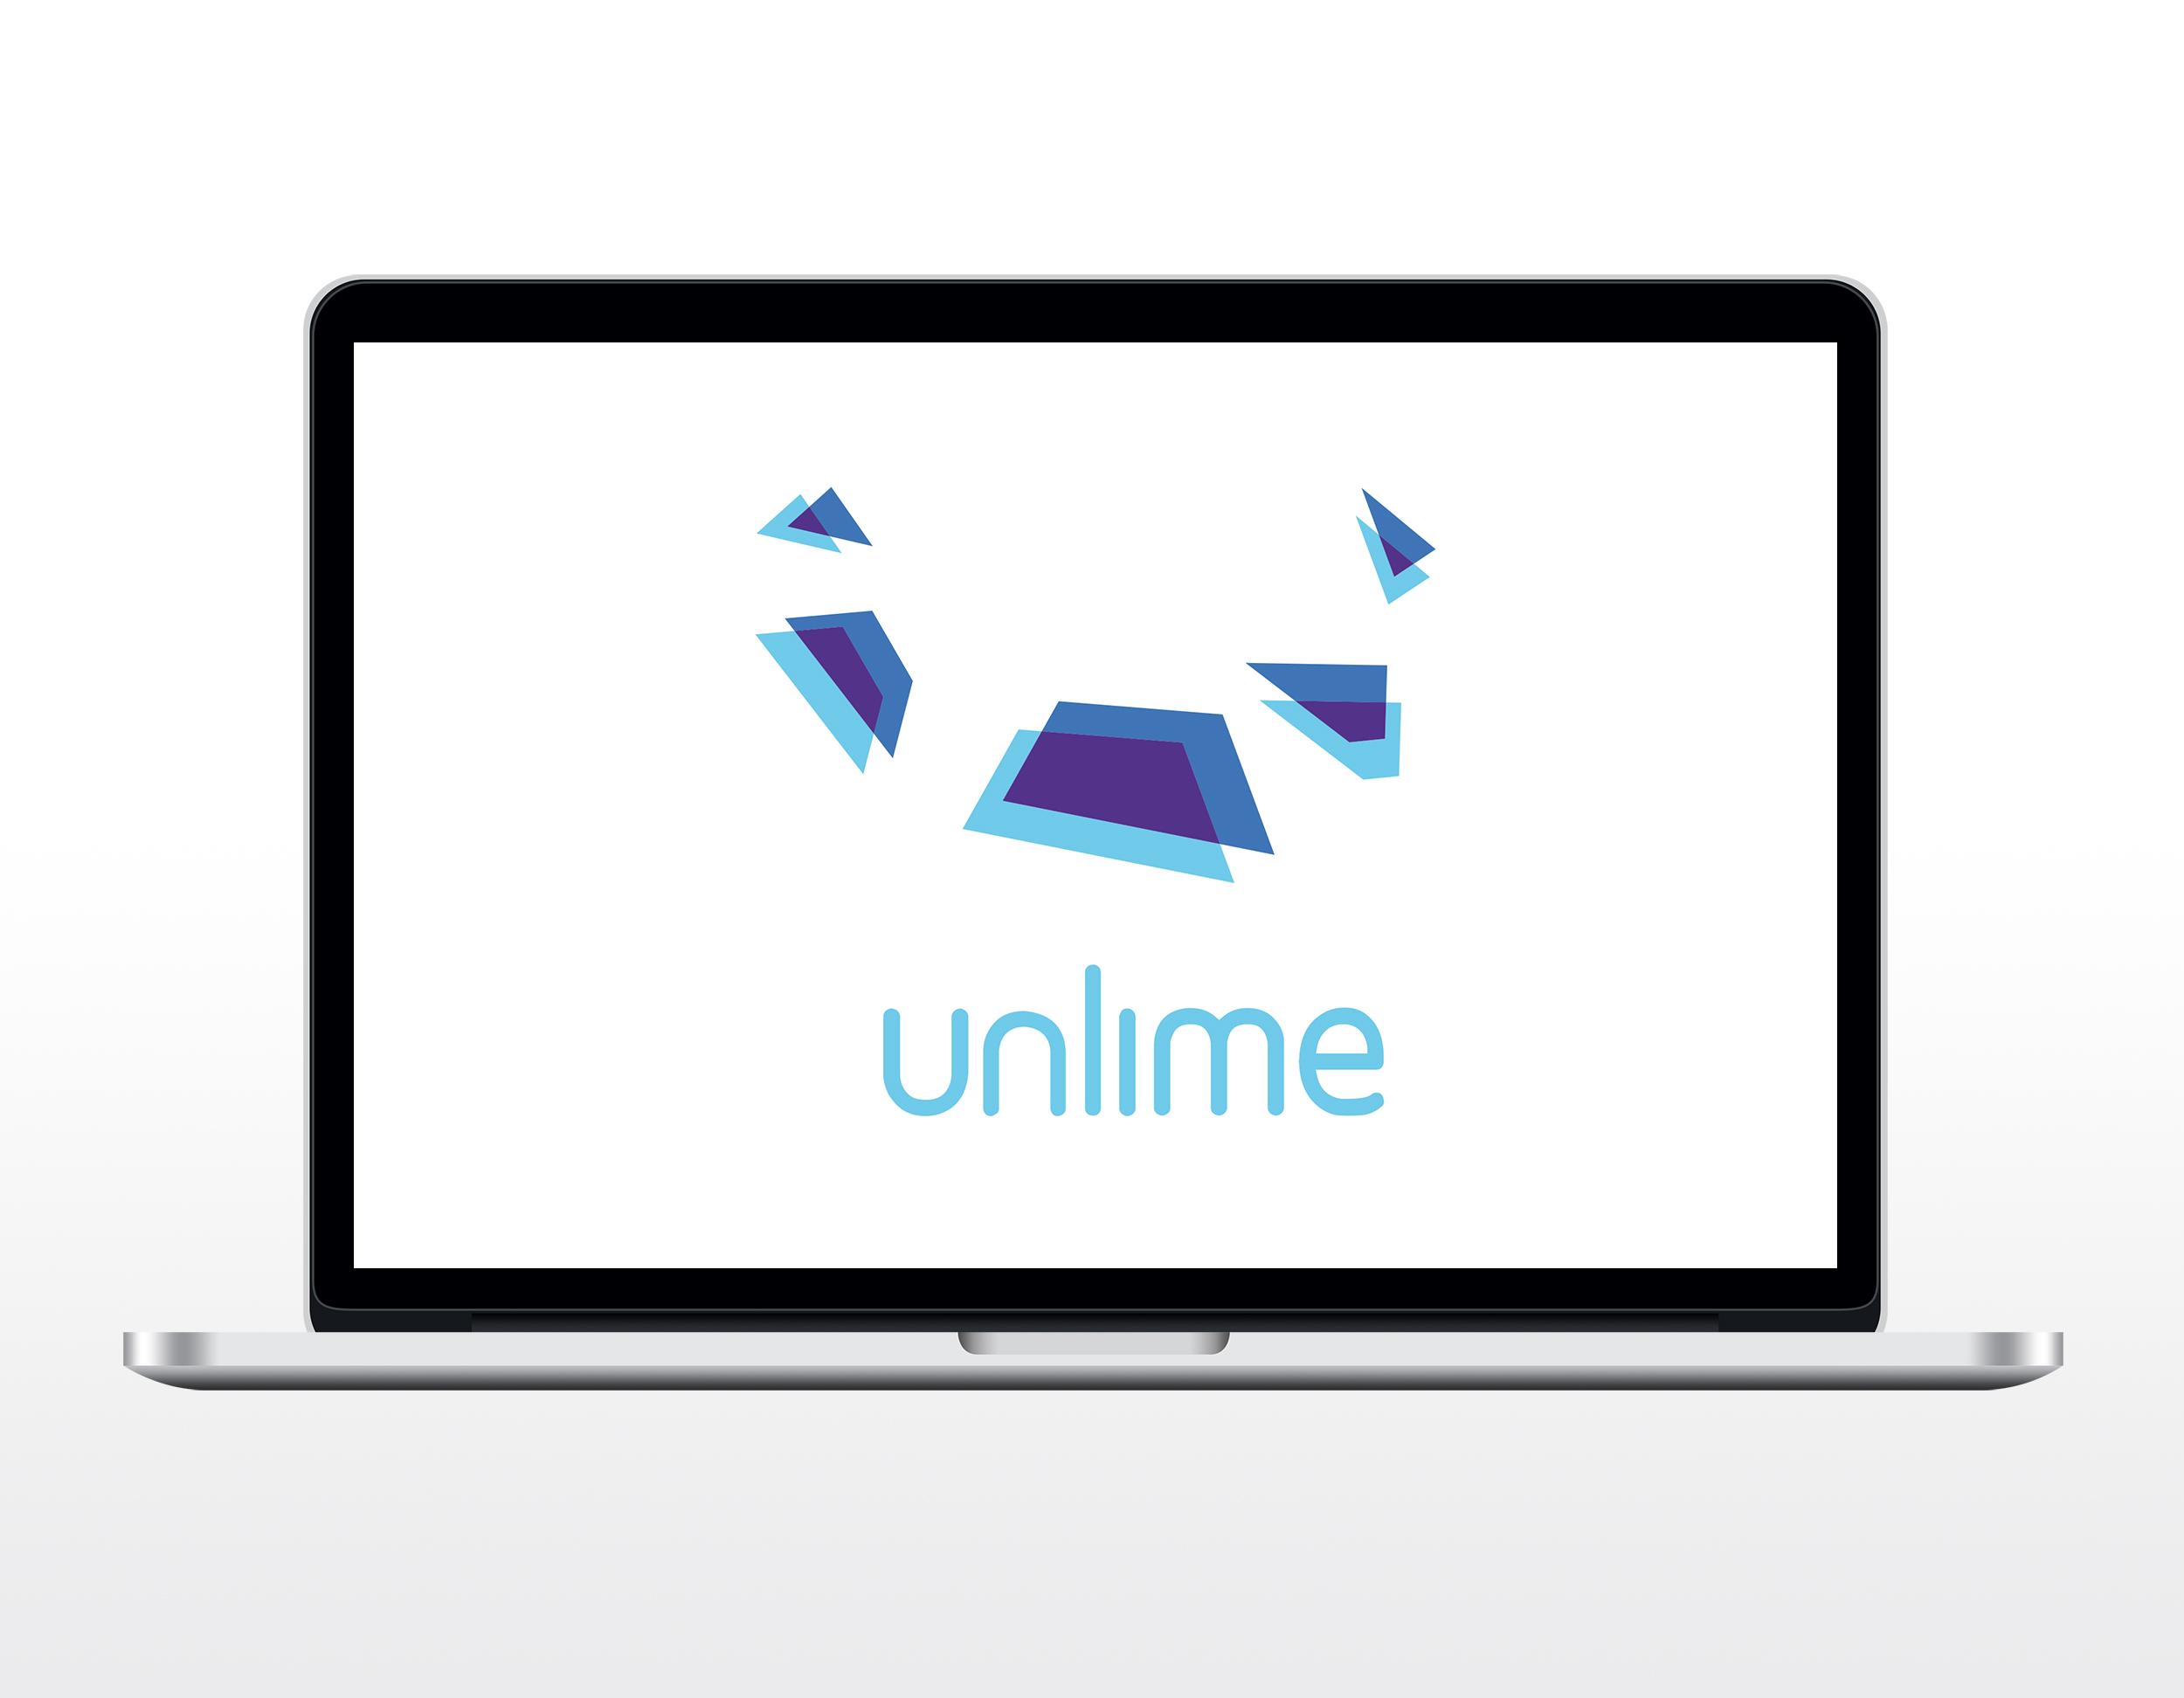 Разработка логотипа и фирменного стиля фото f_5525951d4f22005c.jpg